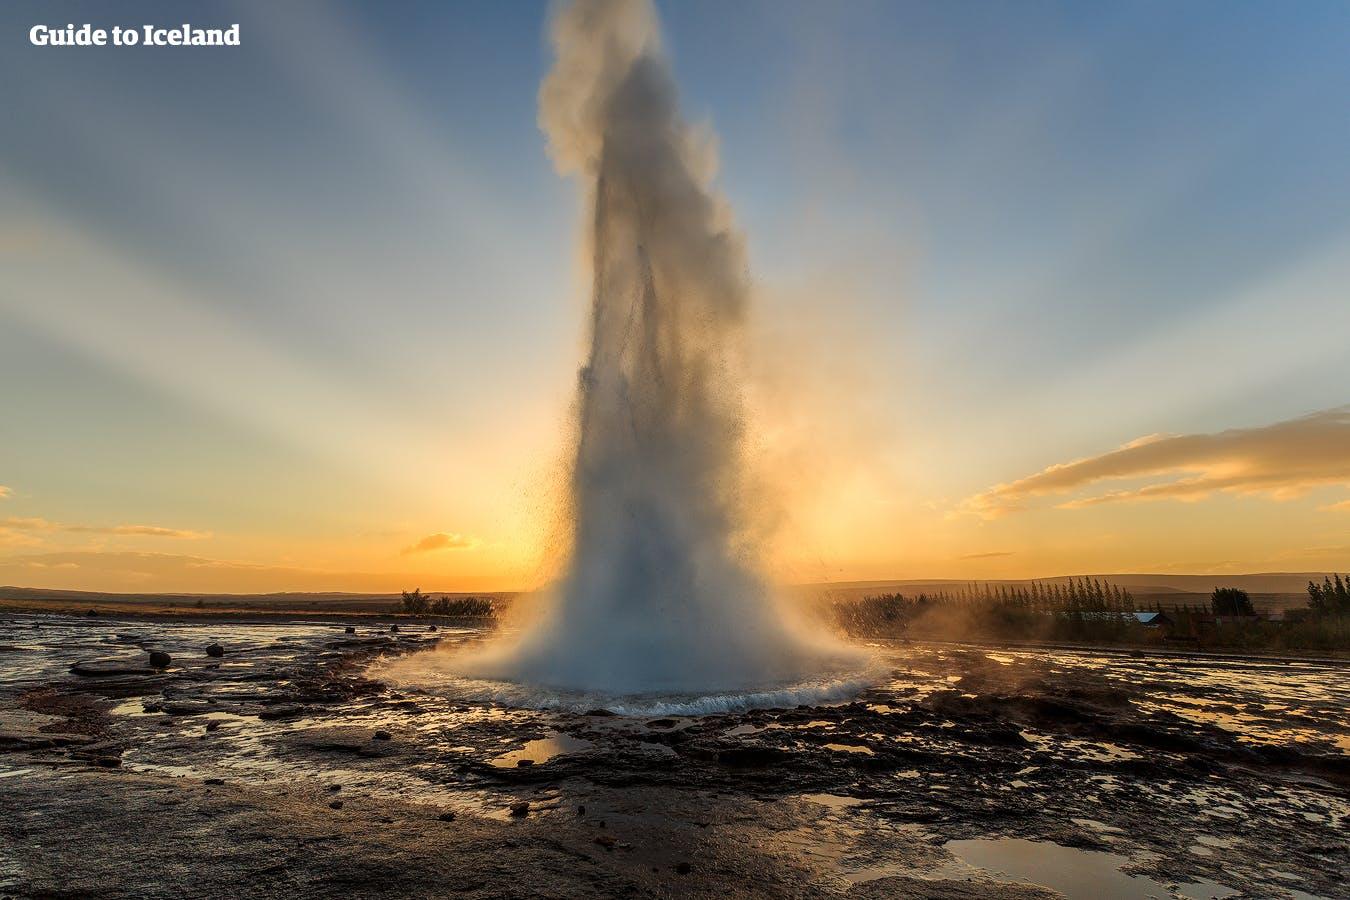 Una de las atracciones más famosas de Islandia, el géiser Strokkur en la zona geotérmica de Geysir